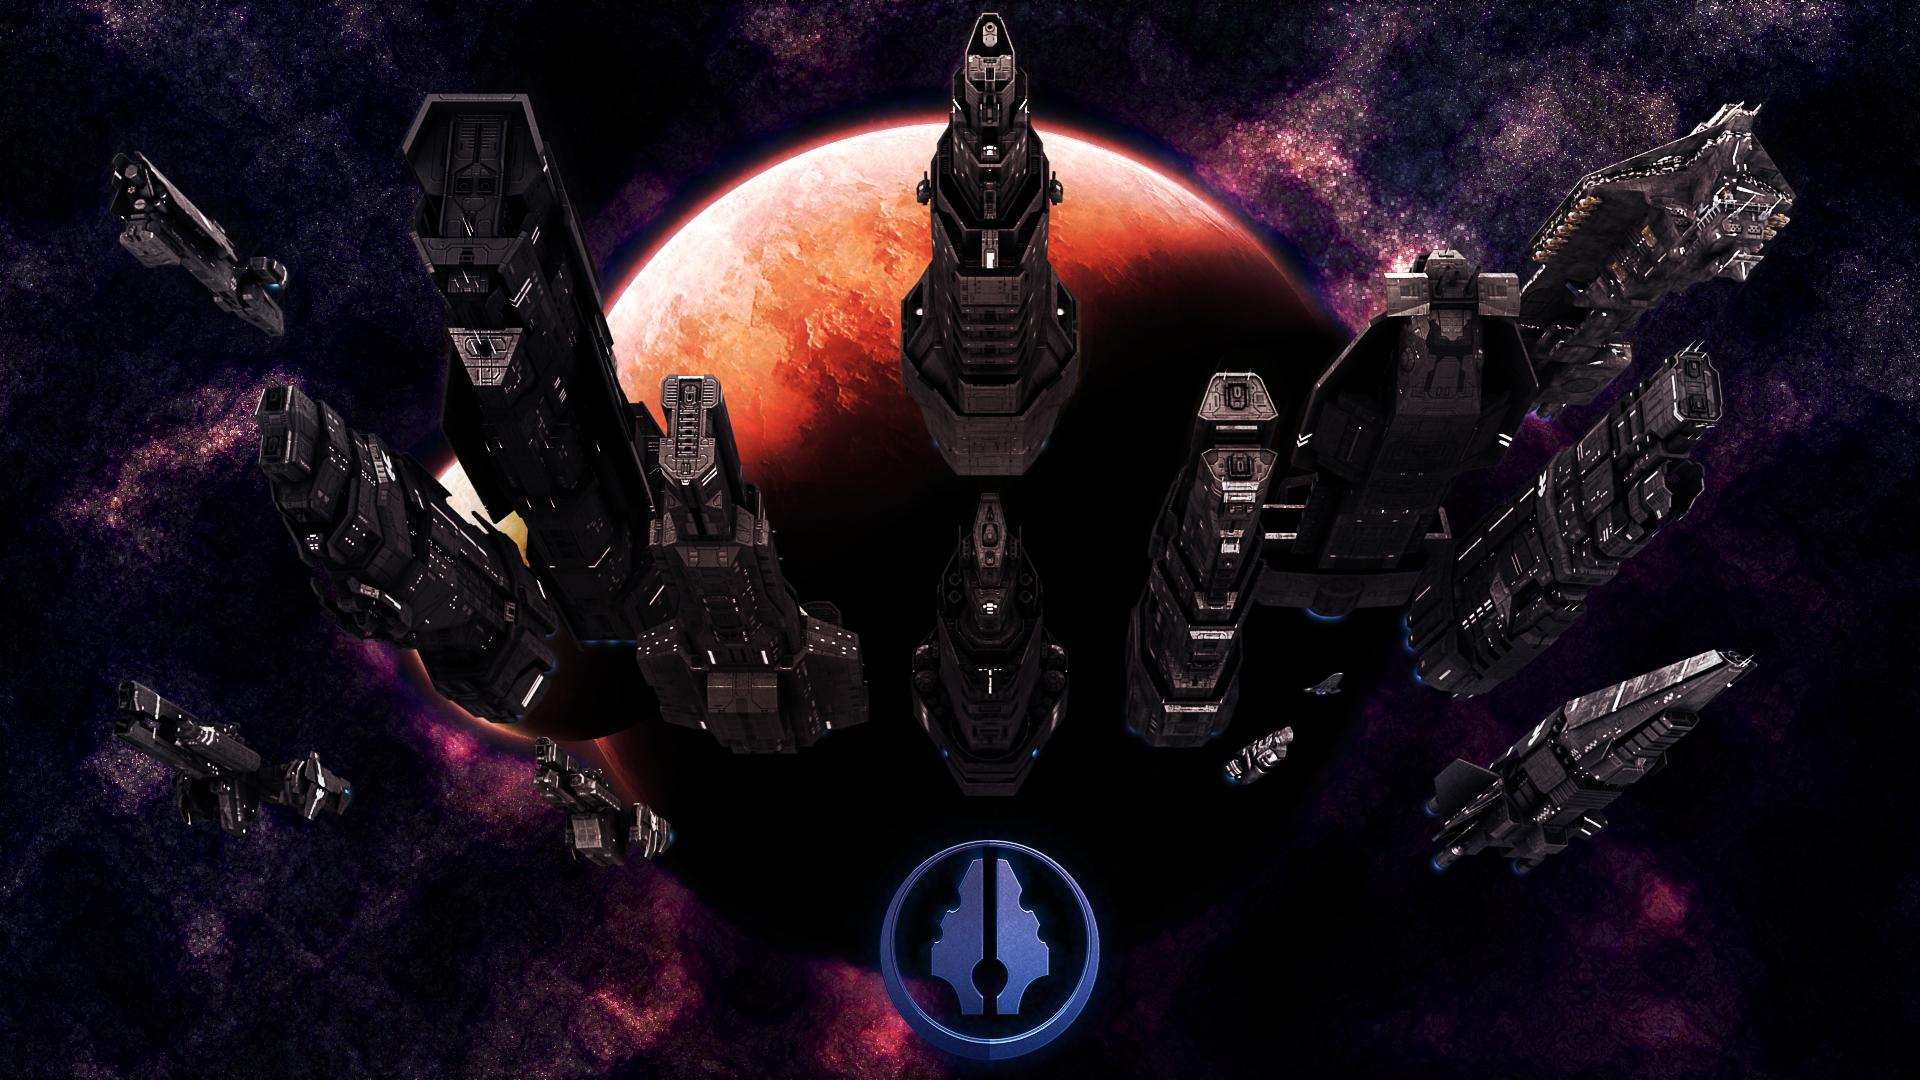 Unsc Fleet By Annihilater102 On Deviantart